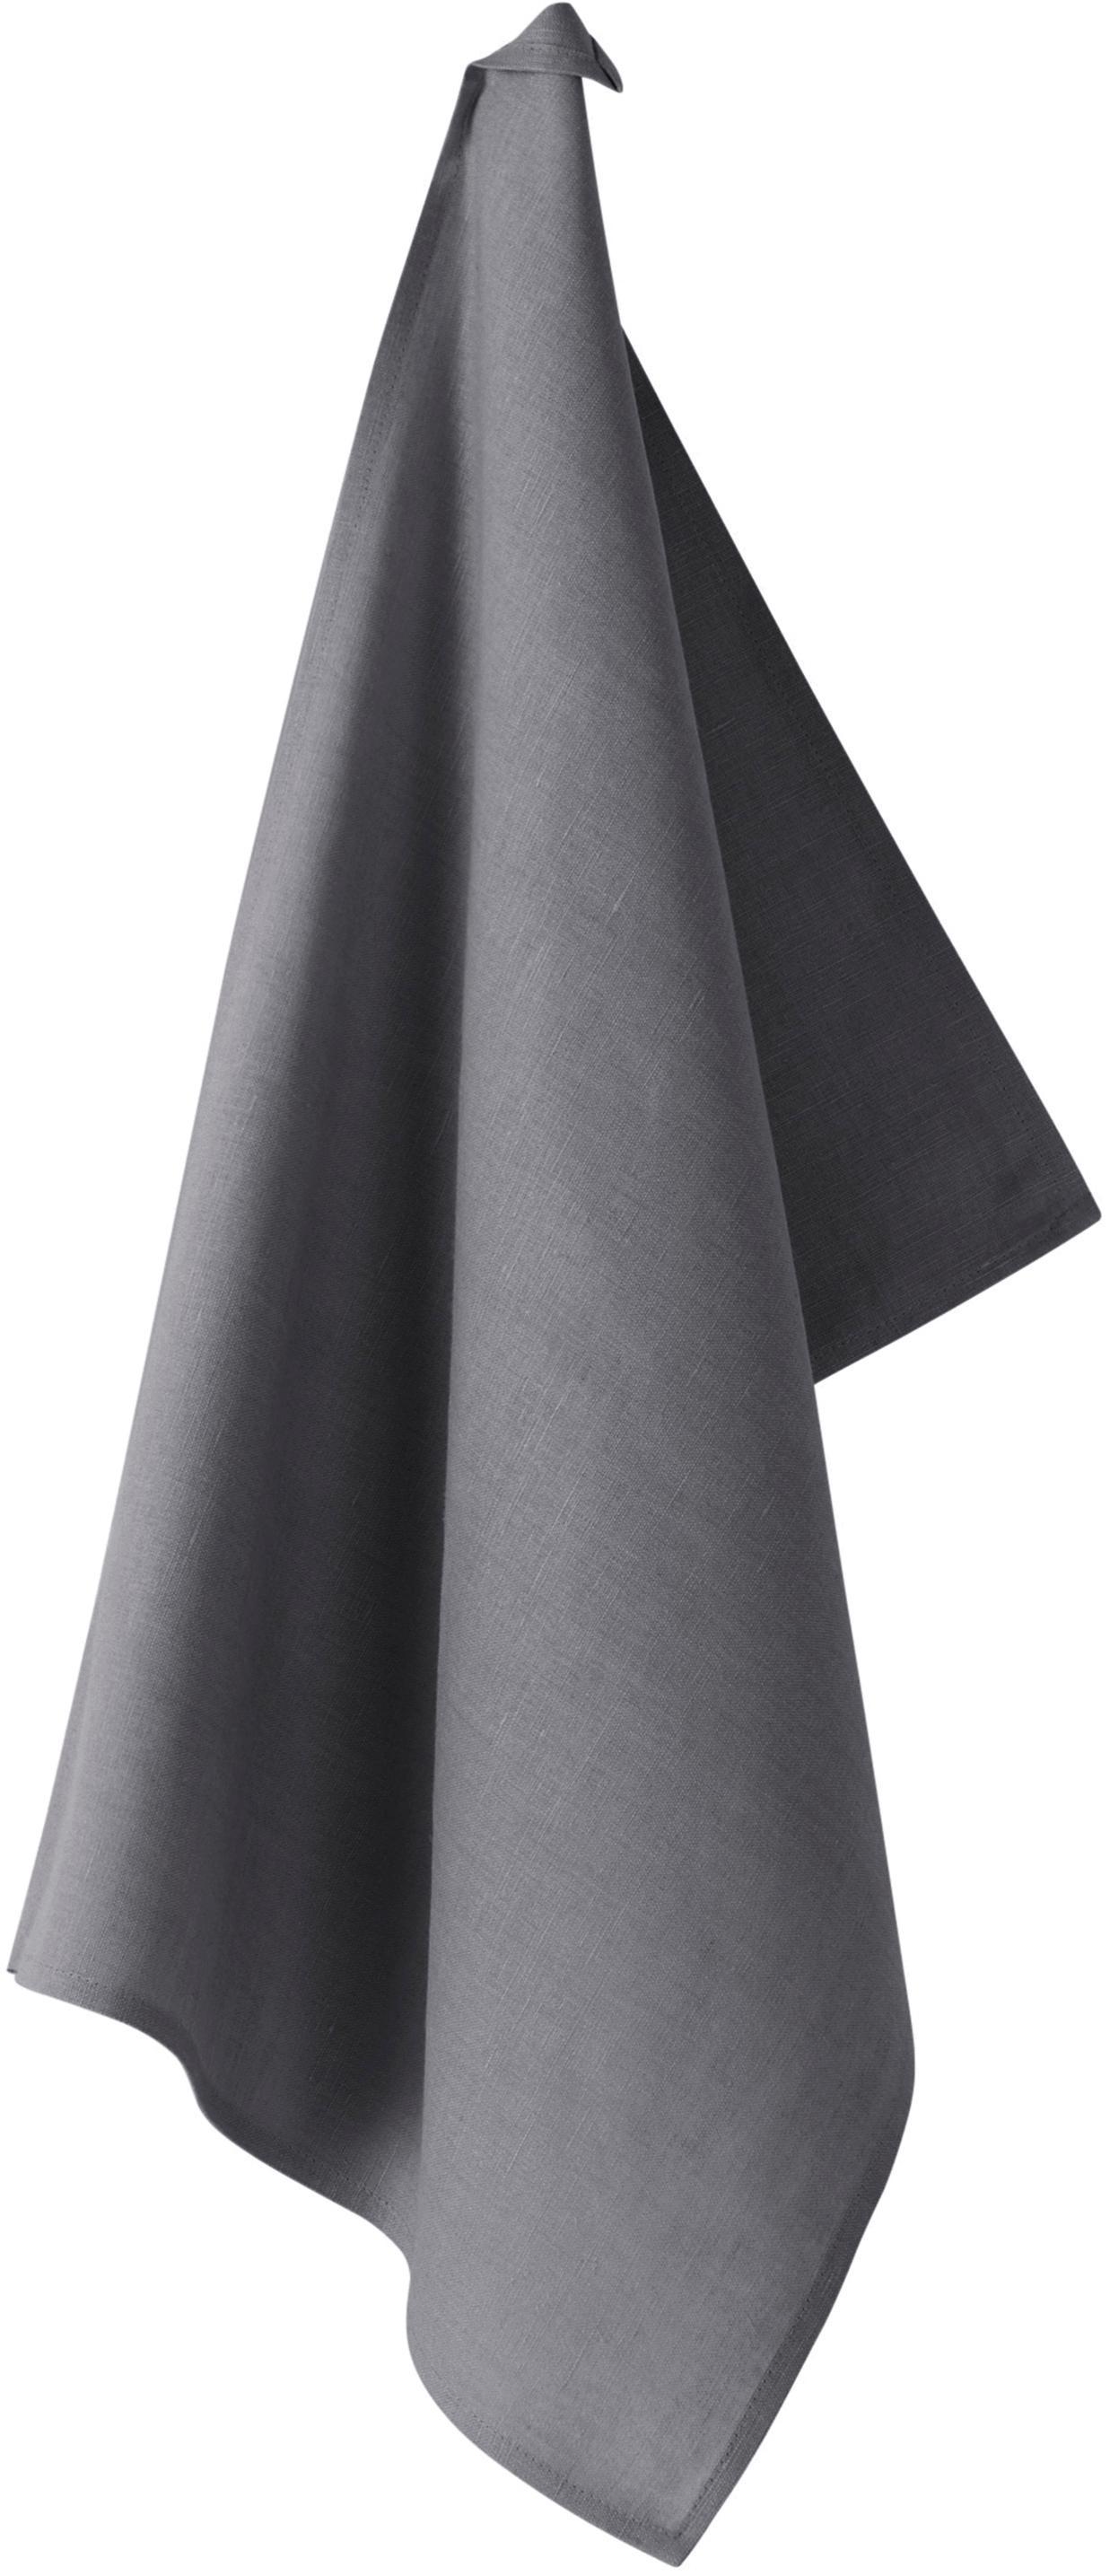 Linnen theedoek Hermia, 57% linnen, 43% katoen, Donkergrijs, 50 x 70 cm